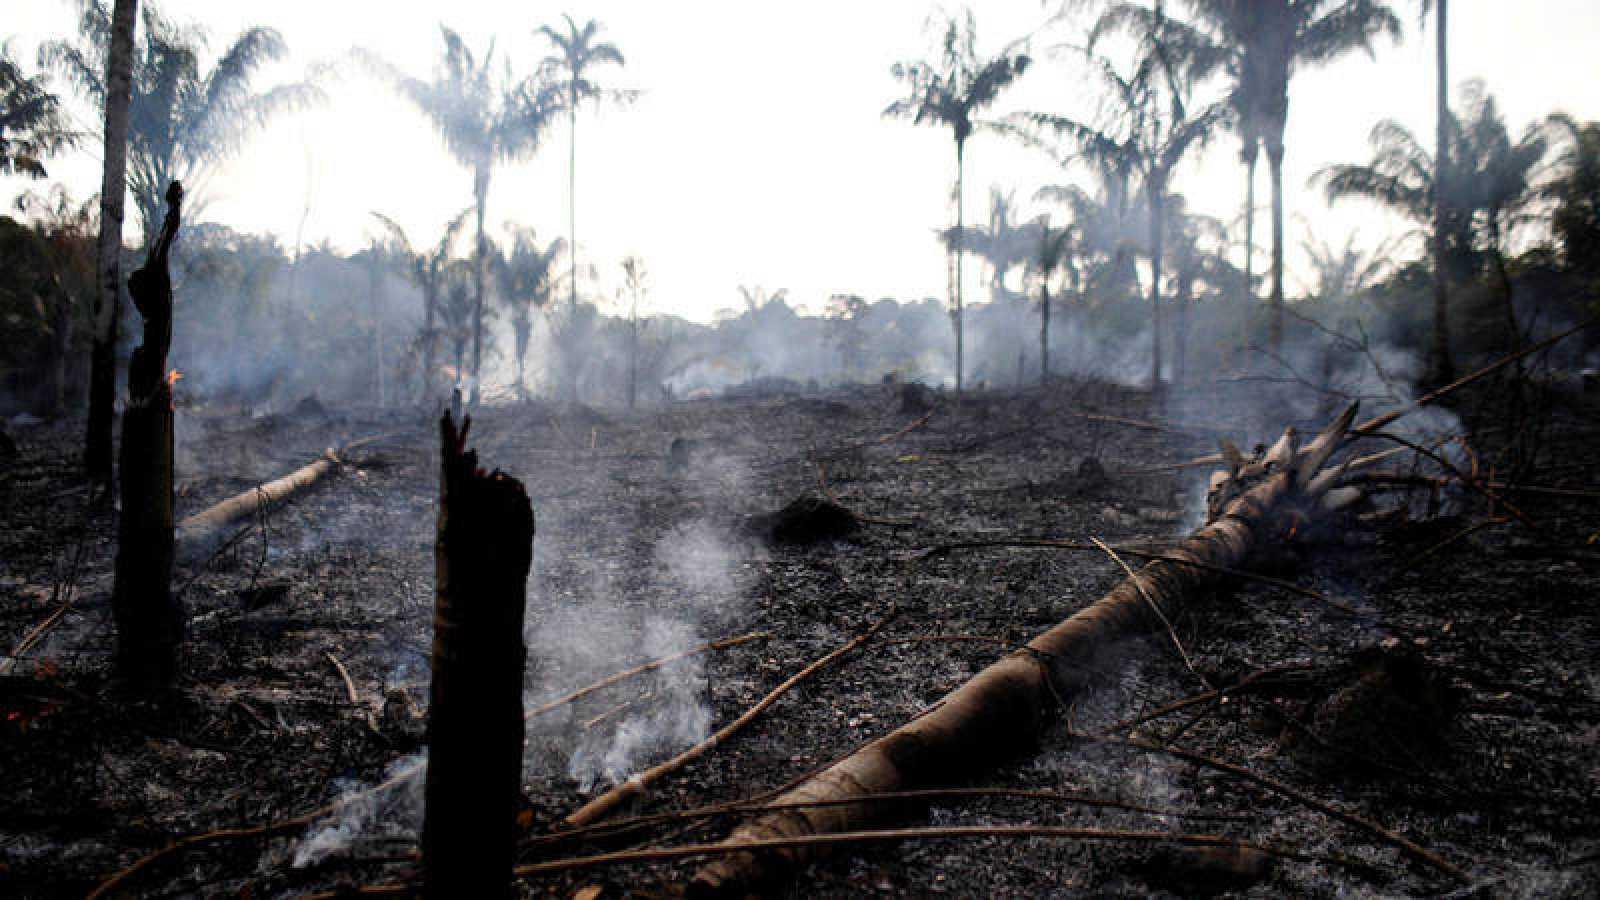 Incendios Amazonia: Los peores de los últimos años | RTVE